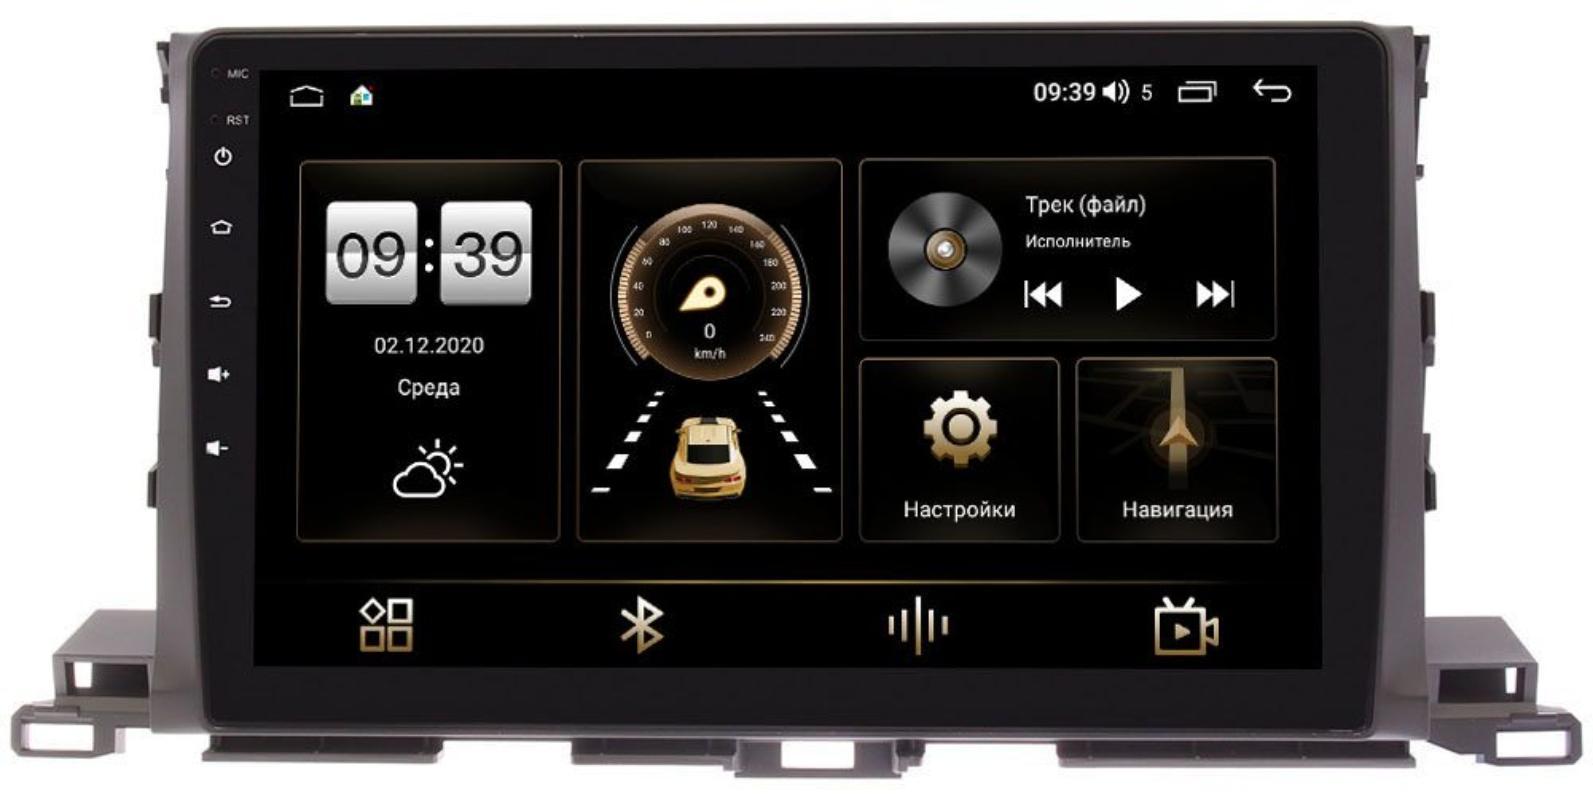 Штатная магнитола Toyota Highlander (U50) 2013-2019 LeTrun 3799-1035 на Android 10 (4/64, DSP, QLed) (+ Камера заднего вида в подарок!)